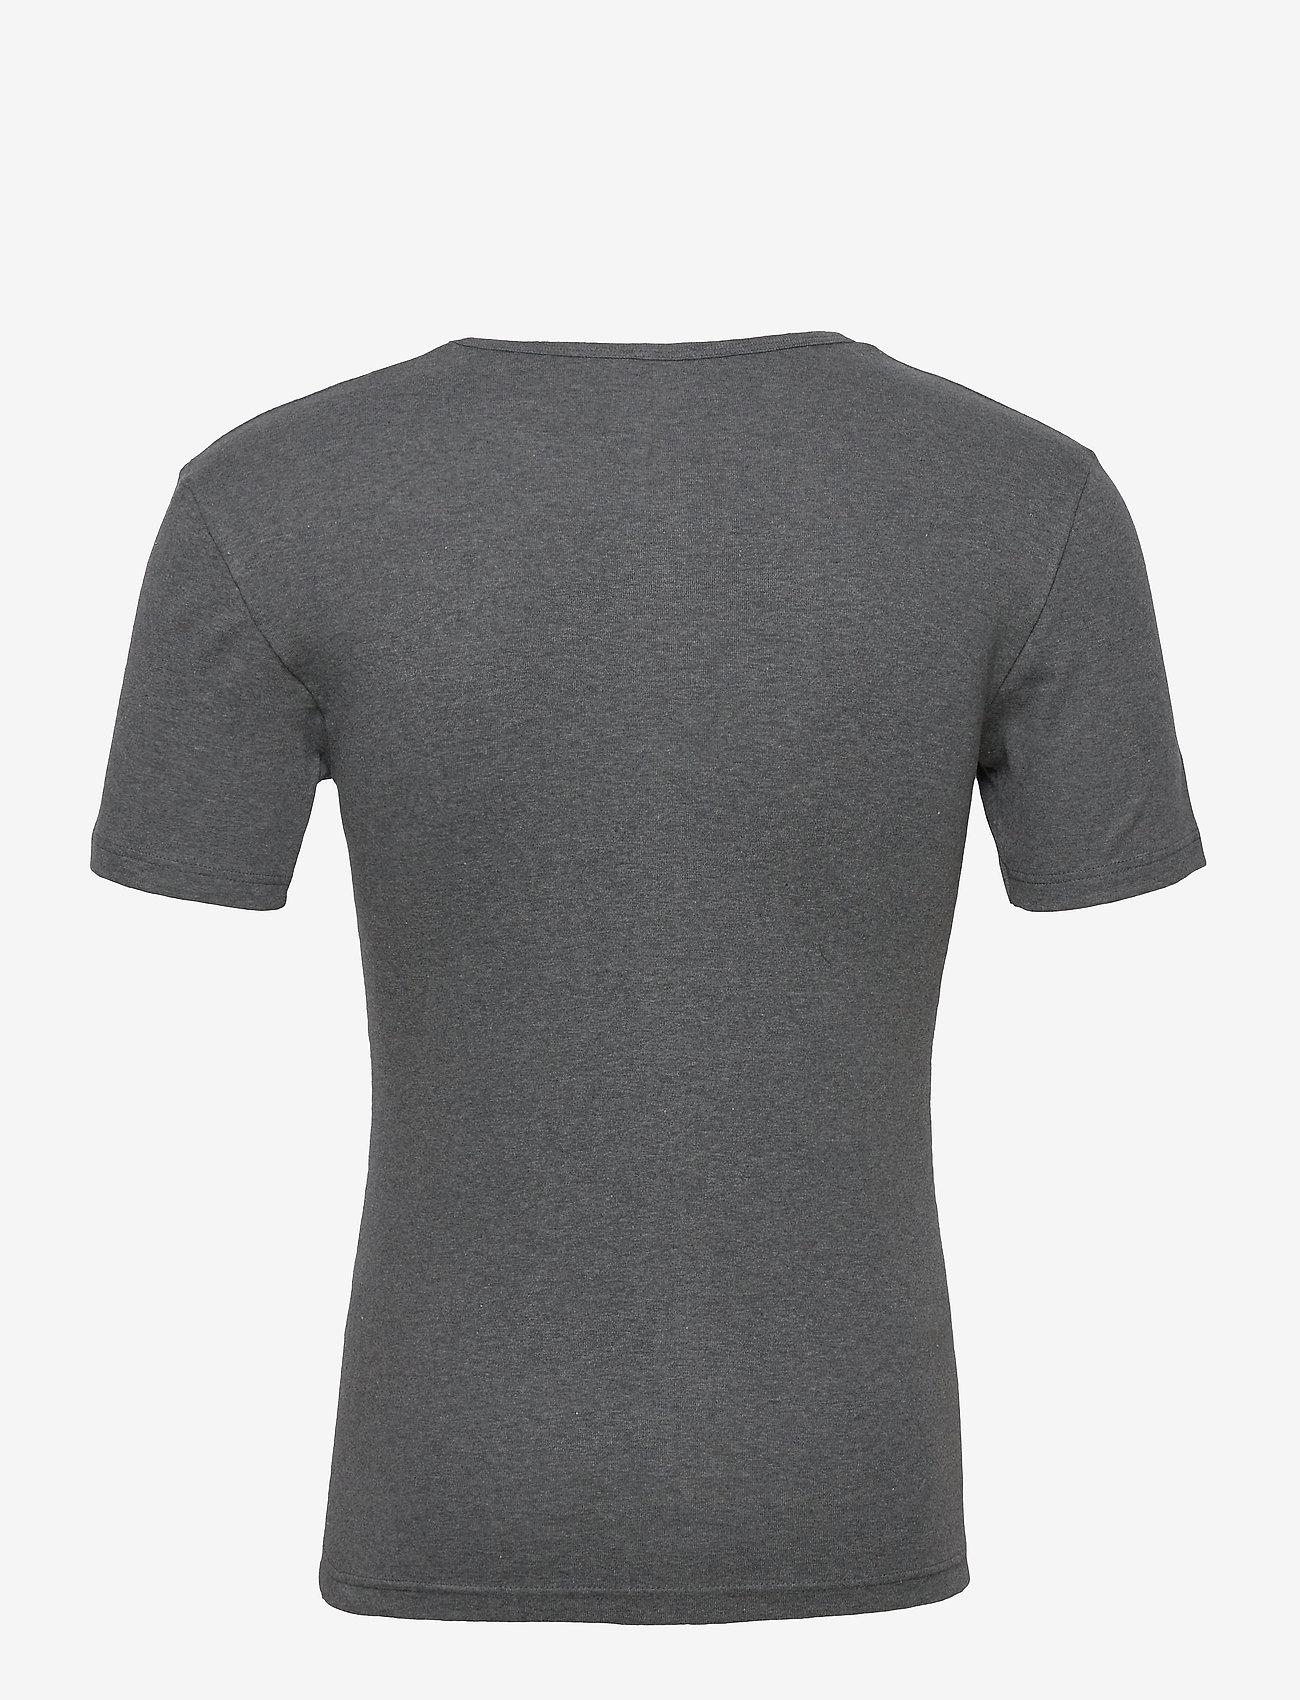 Armor Lux 2 Pack Round necked T-Shirt - T-skjorter WHITE/MARL GREY - Menn Klær